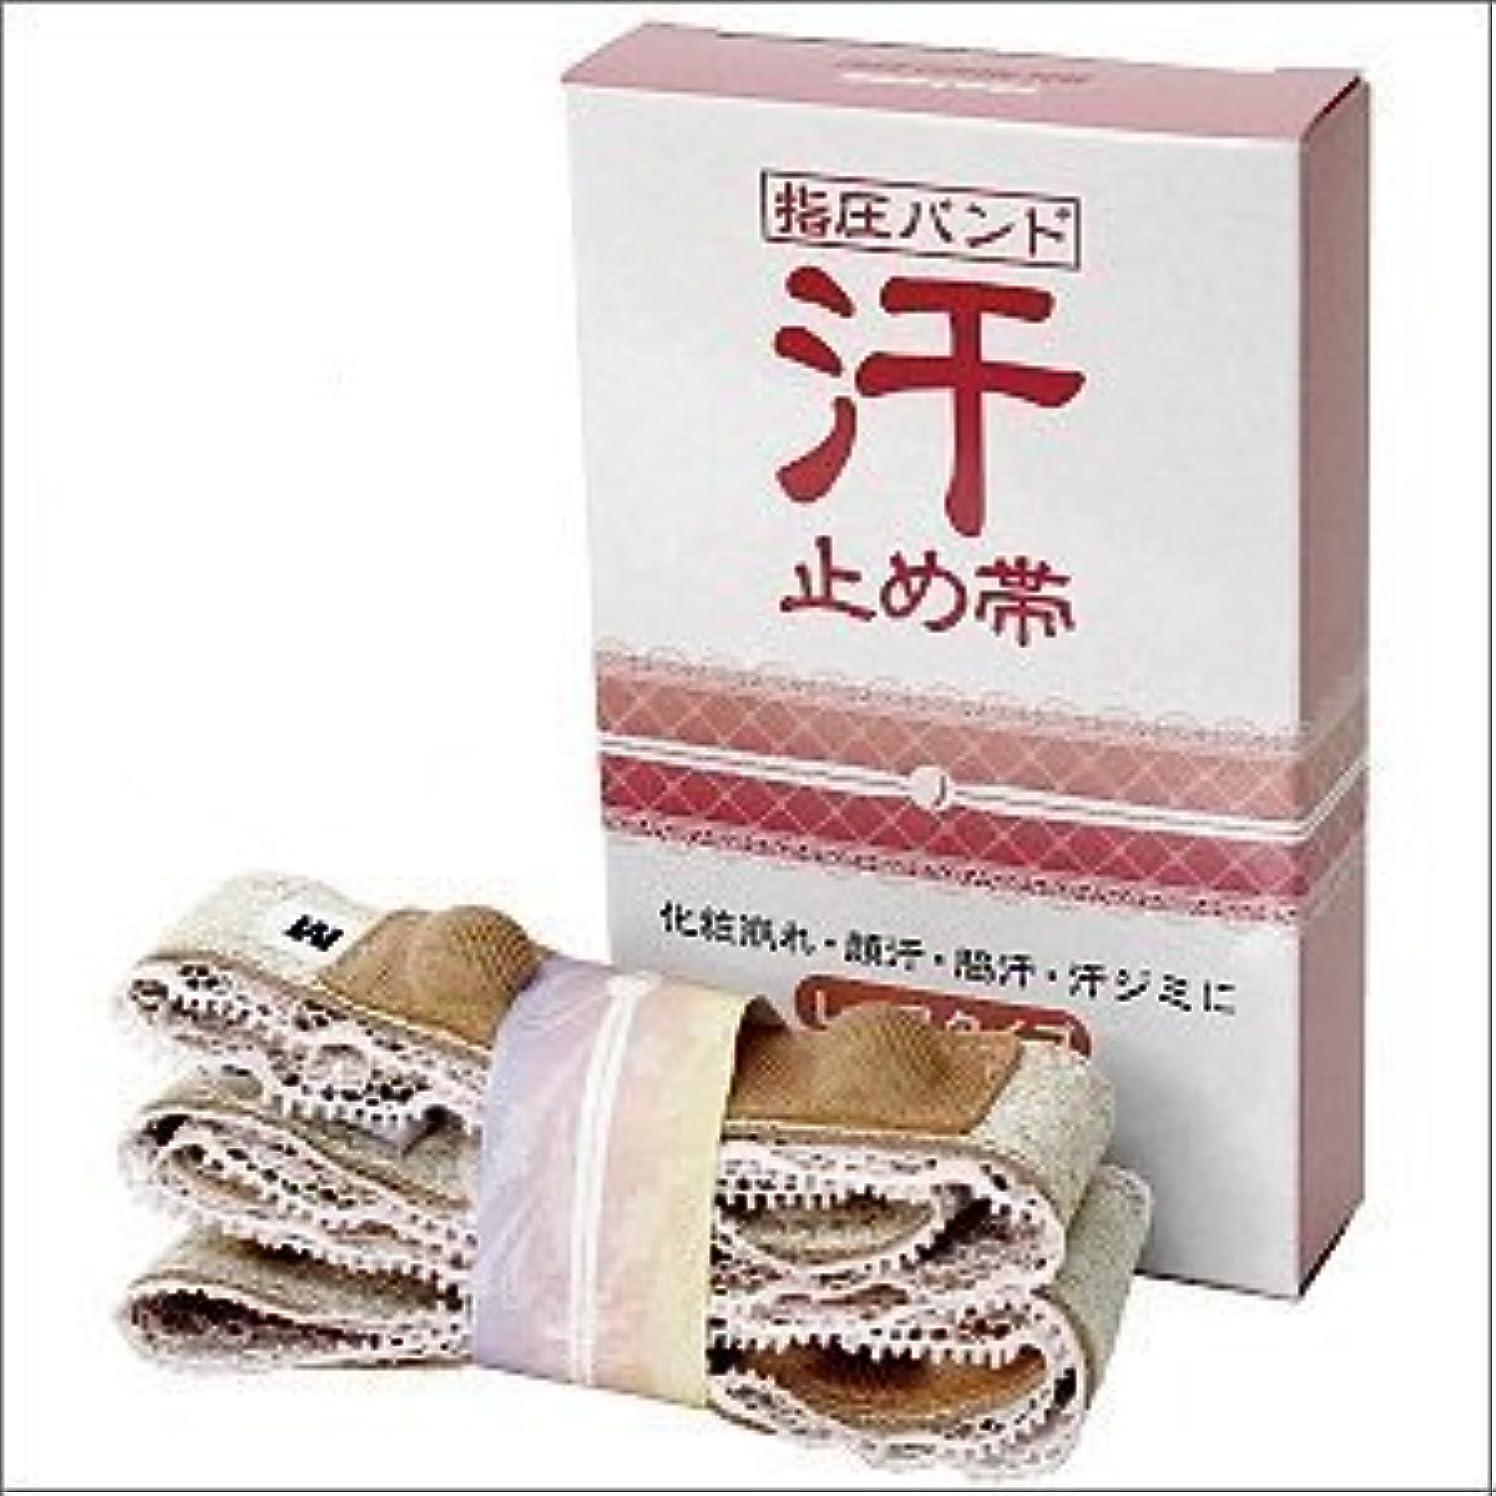 十薬先生汗止め帯 レースタイプ (M(850~950mm), ホワイト)